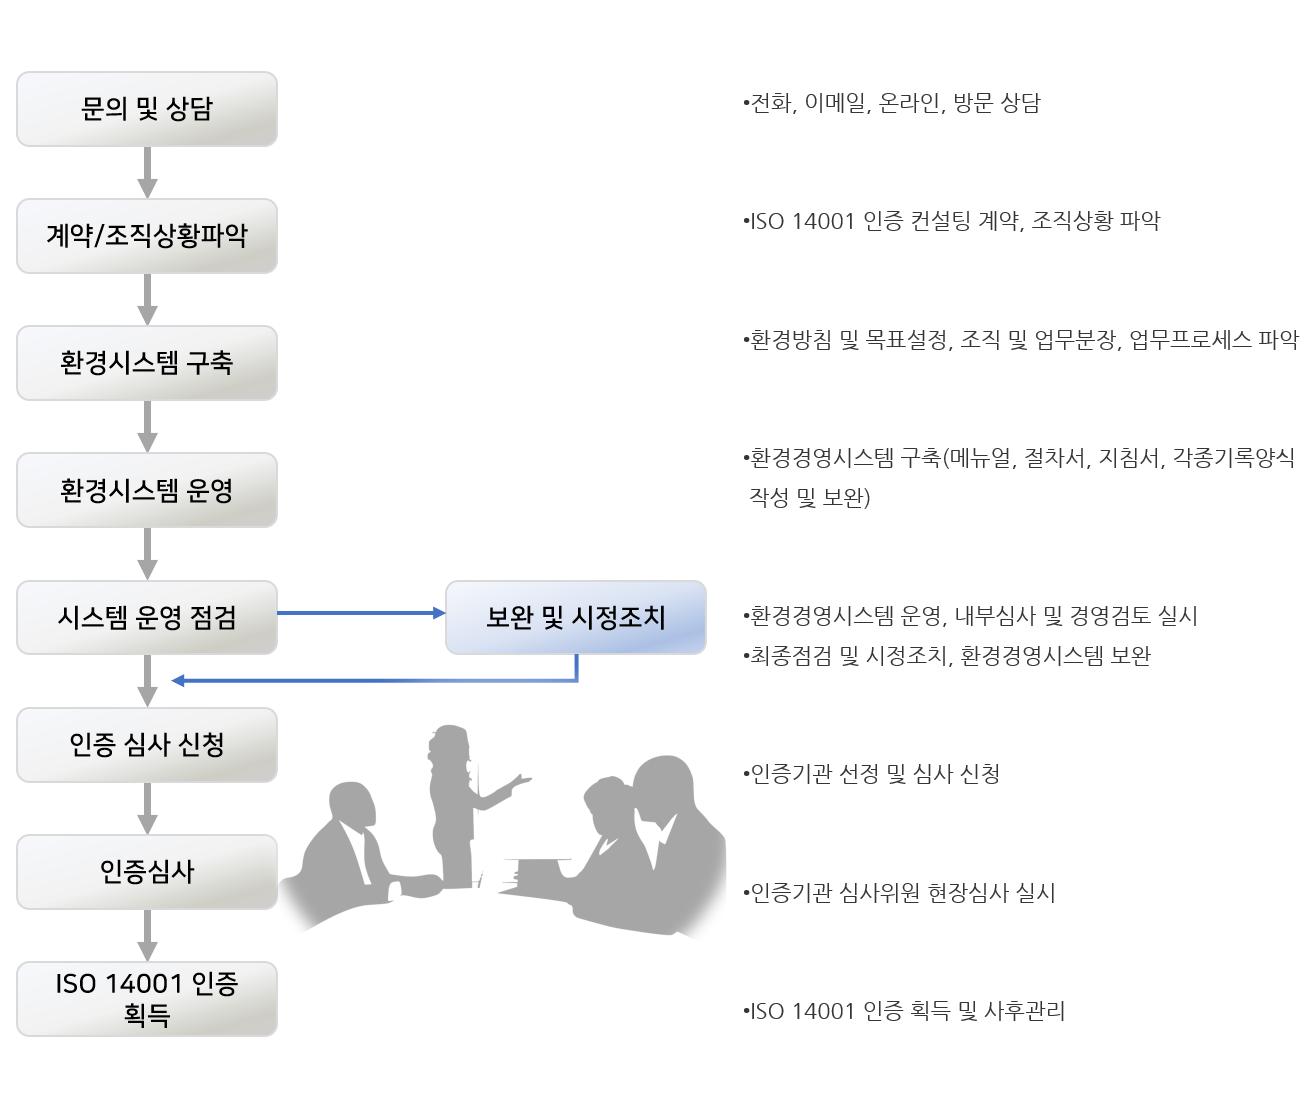 iso14001 인증 컨설팅 절차